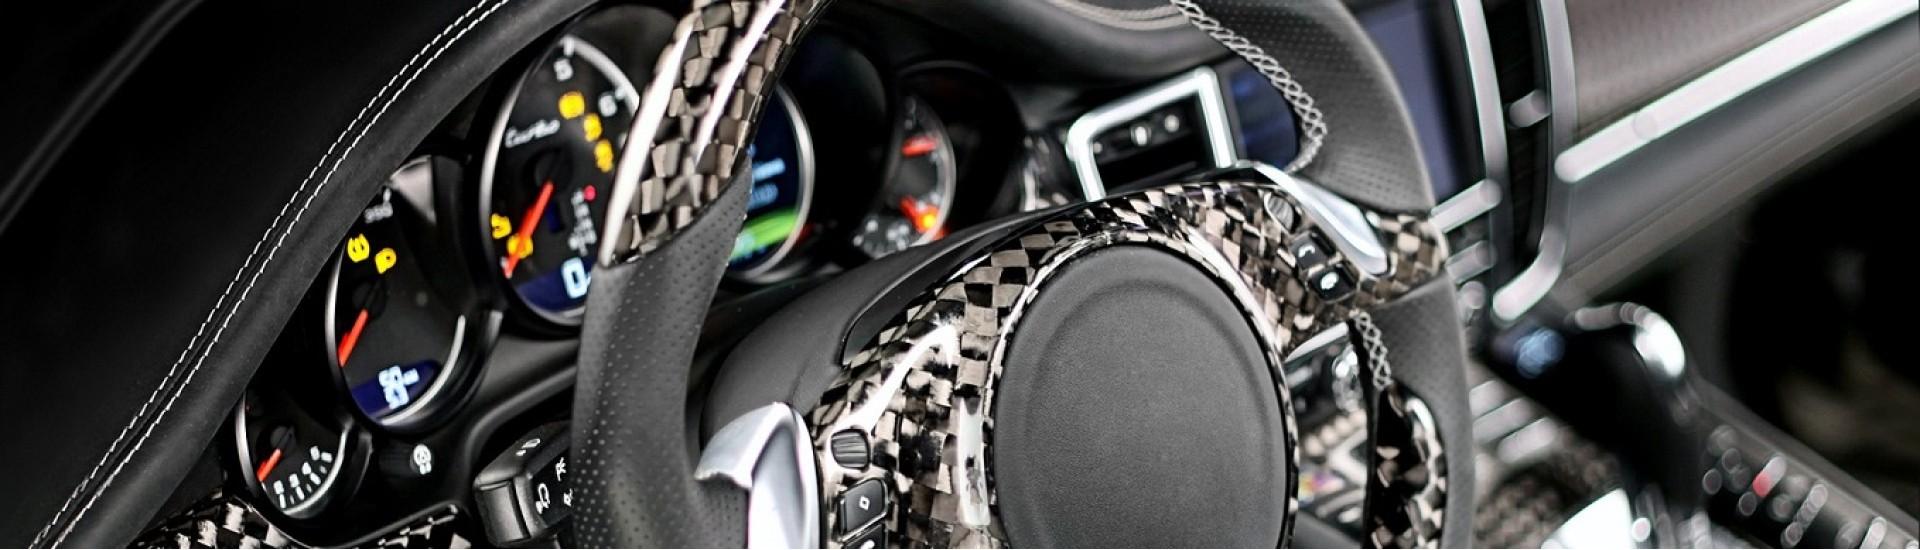 غربیلک فرمان ، قیمت غربیلک فرمان ، steering wheels